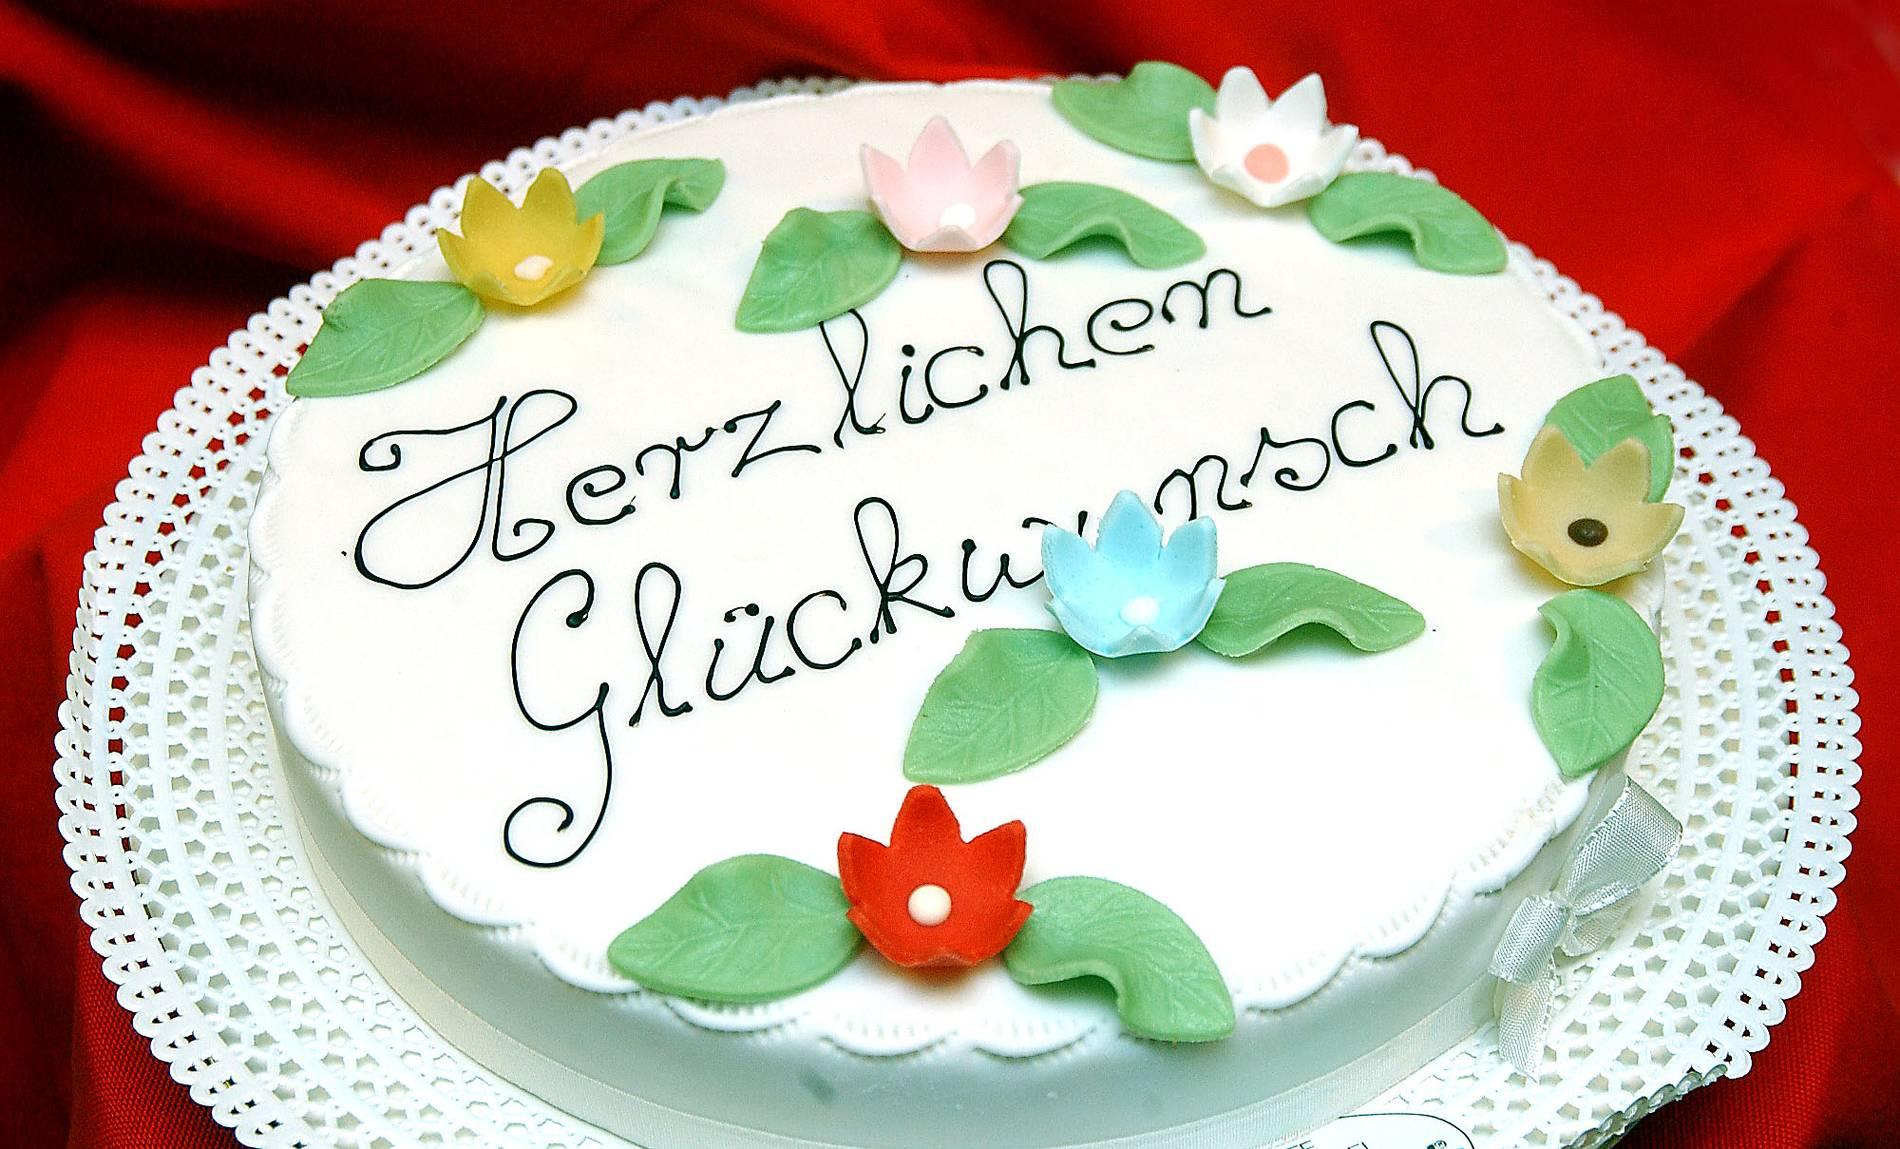 Zum Geburtstag Viel Gluck Kinderlieder Puppenvideo Youtube